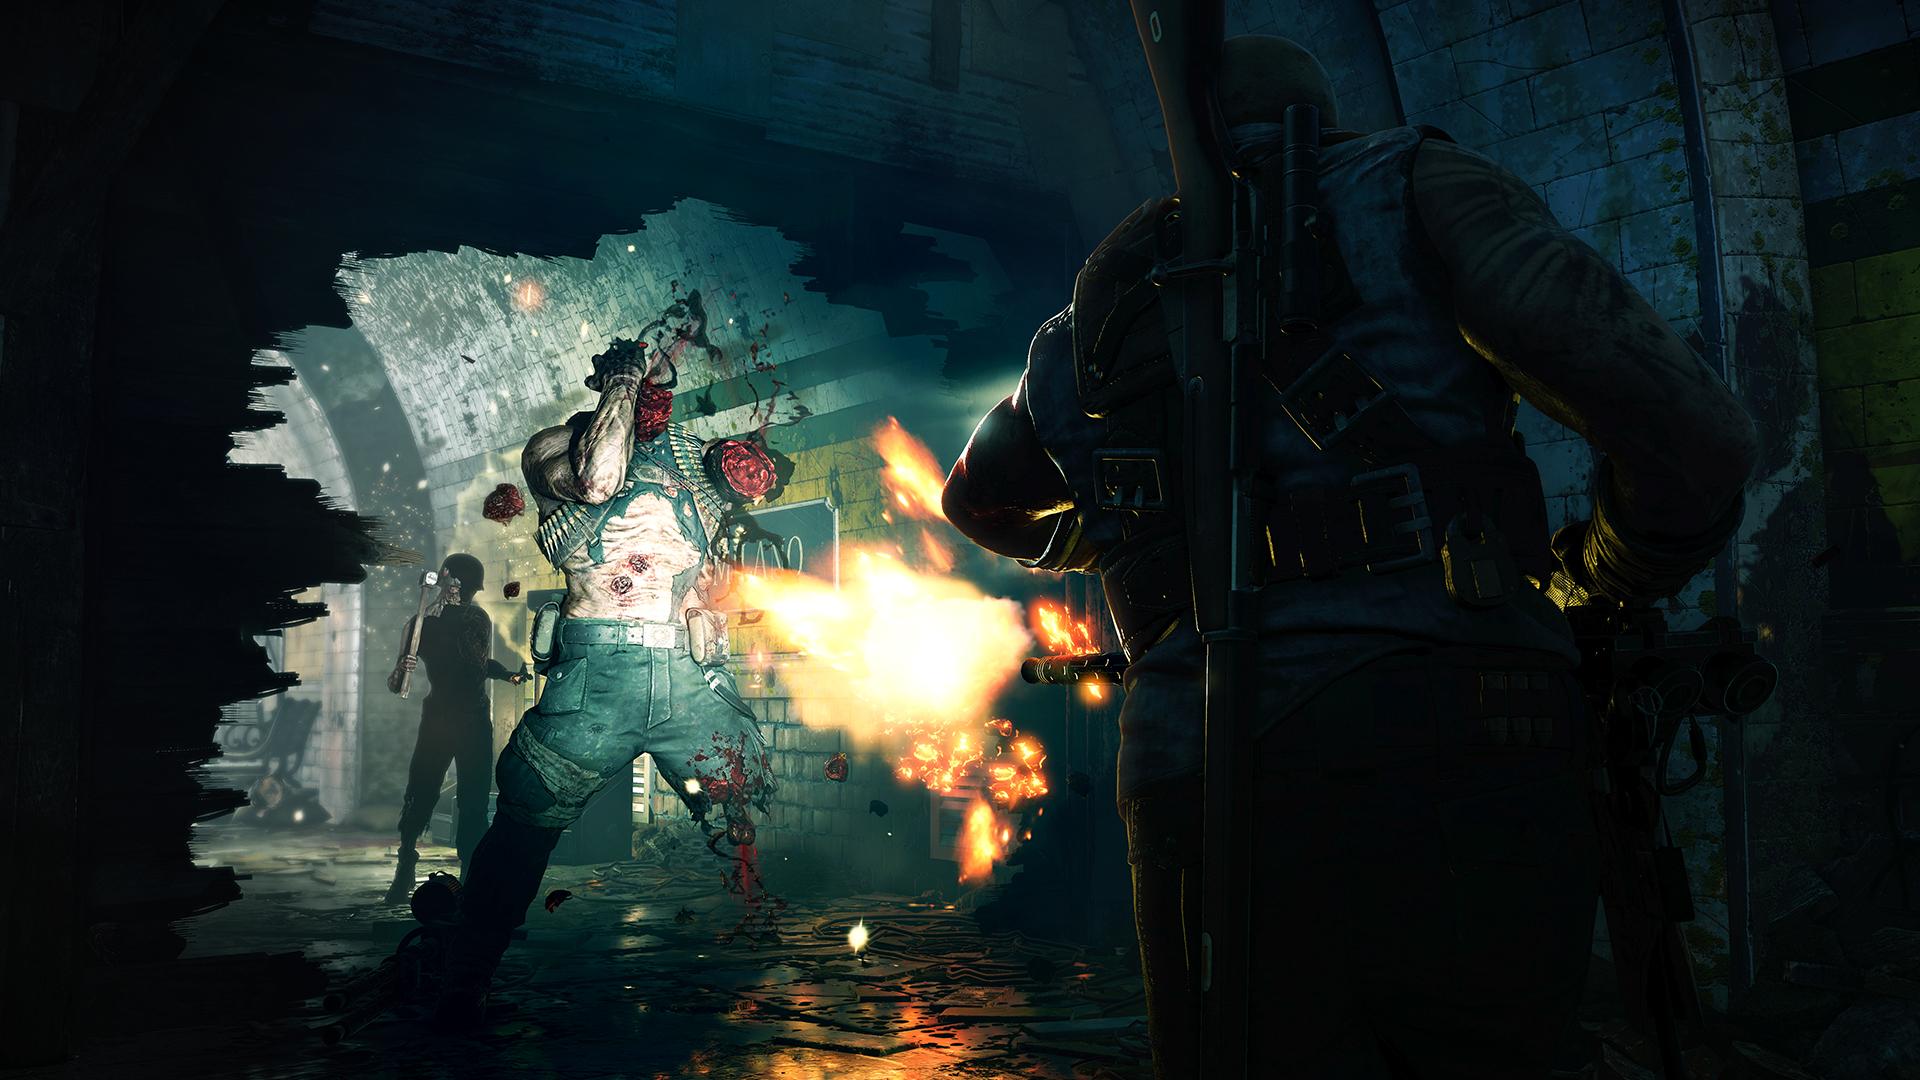 Скриншот 0 - Zombie Army 4: Dead War [ОФФЛАЙН-Ручная АКТИВАЦИЯ] [Epic Games]